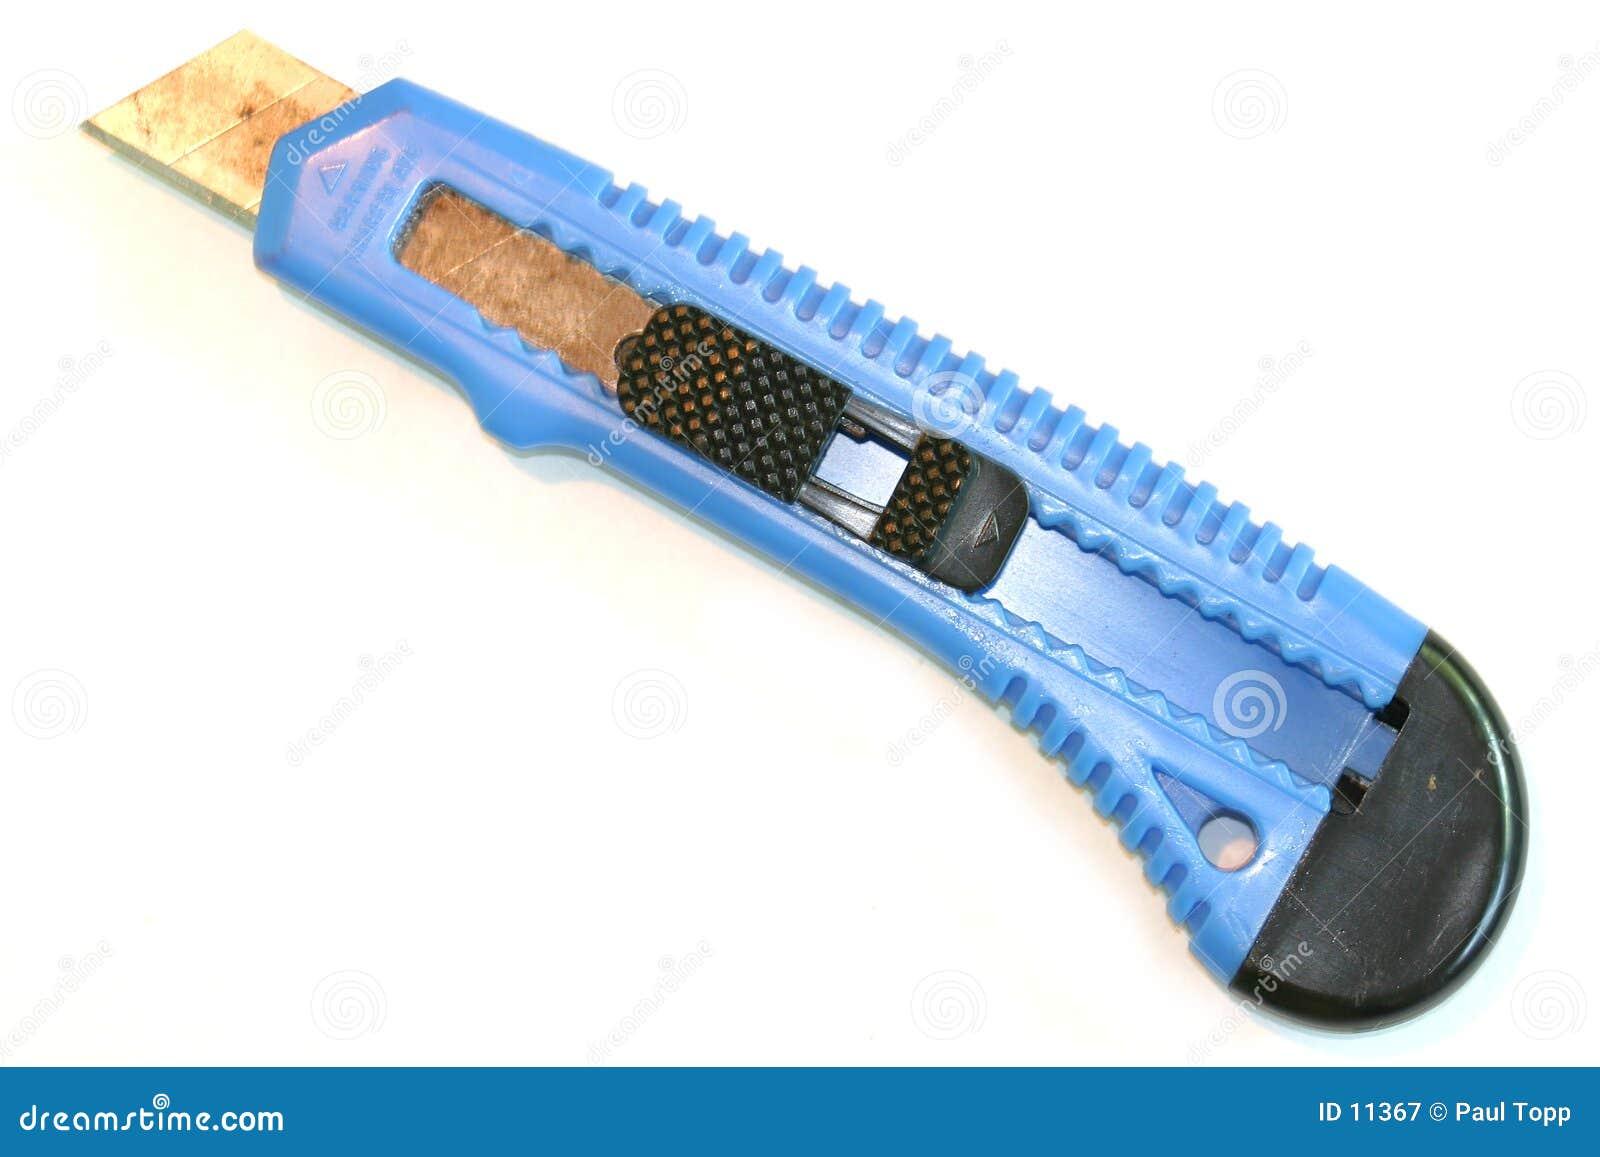 Blue Box Cutter